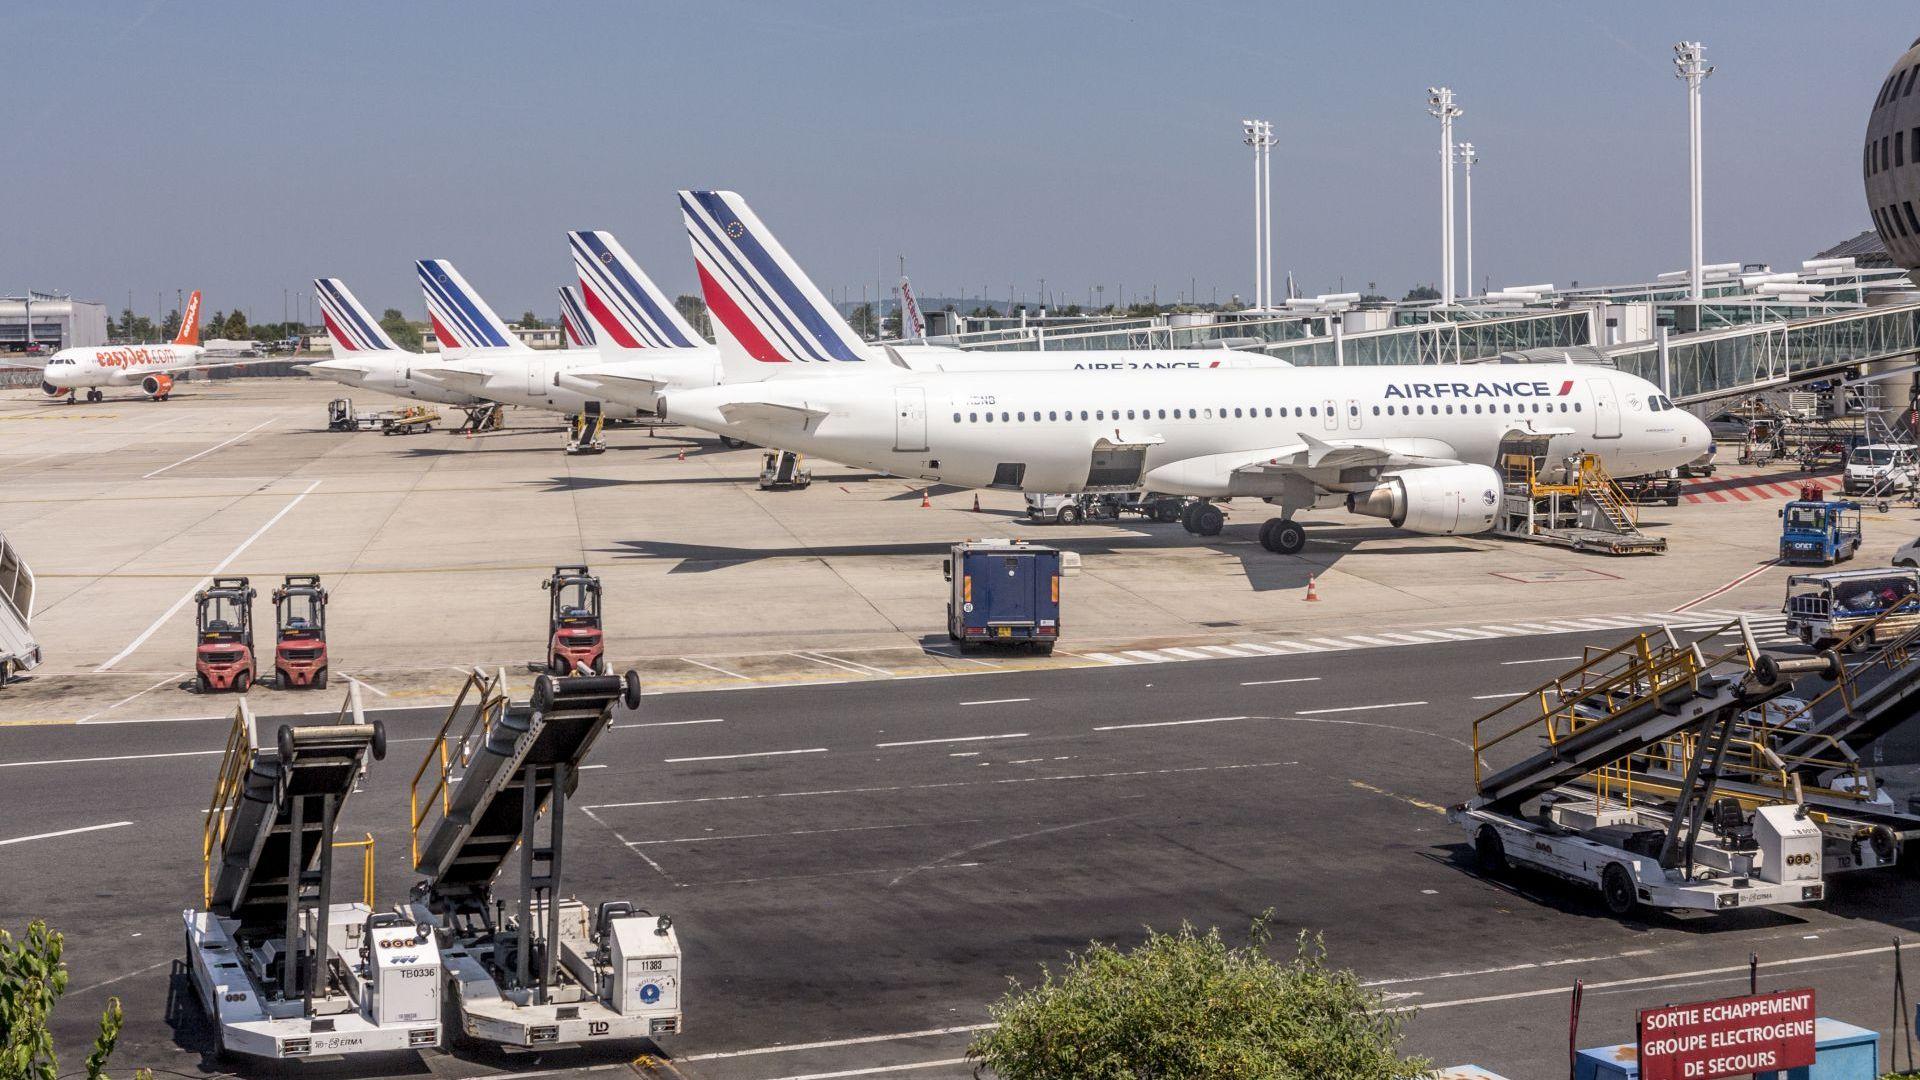 Френските власти изолираха приземил се в Париж самолет заради предполагаемо взривно устройство